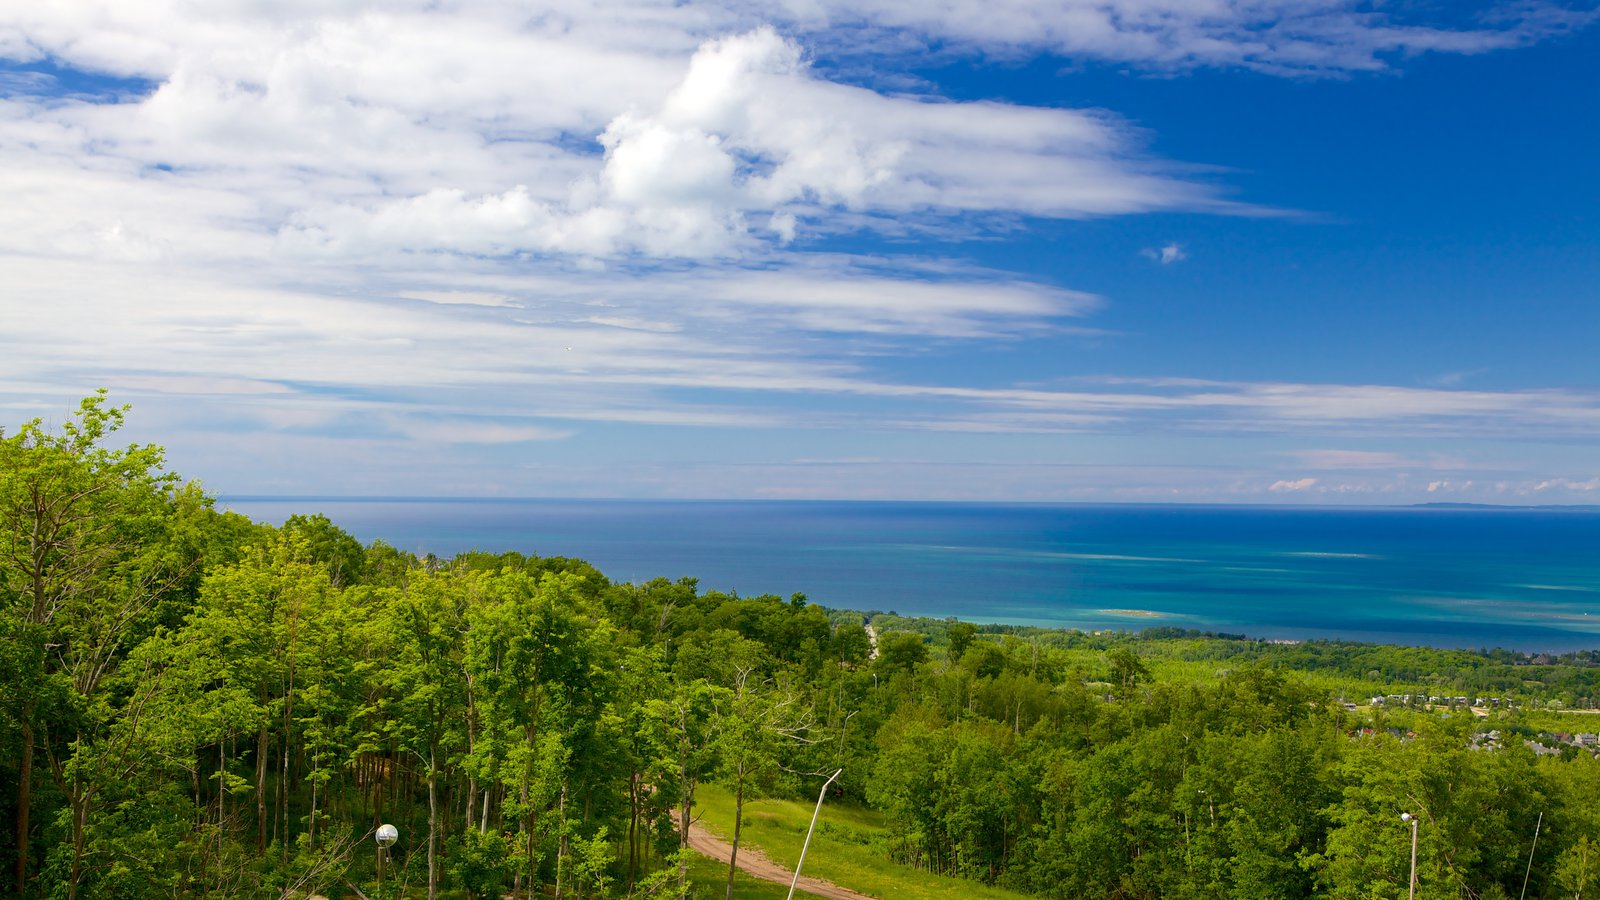 Blue Mountains mostrando florestas e paisagens litorâneas